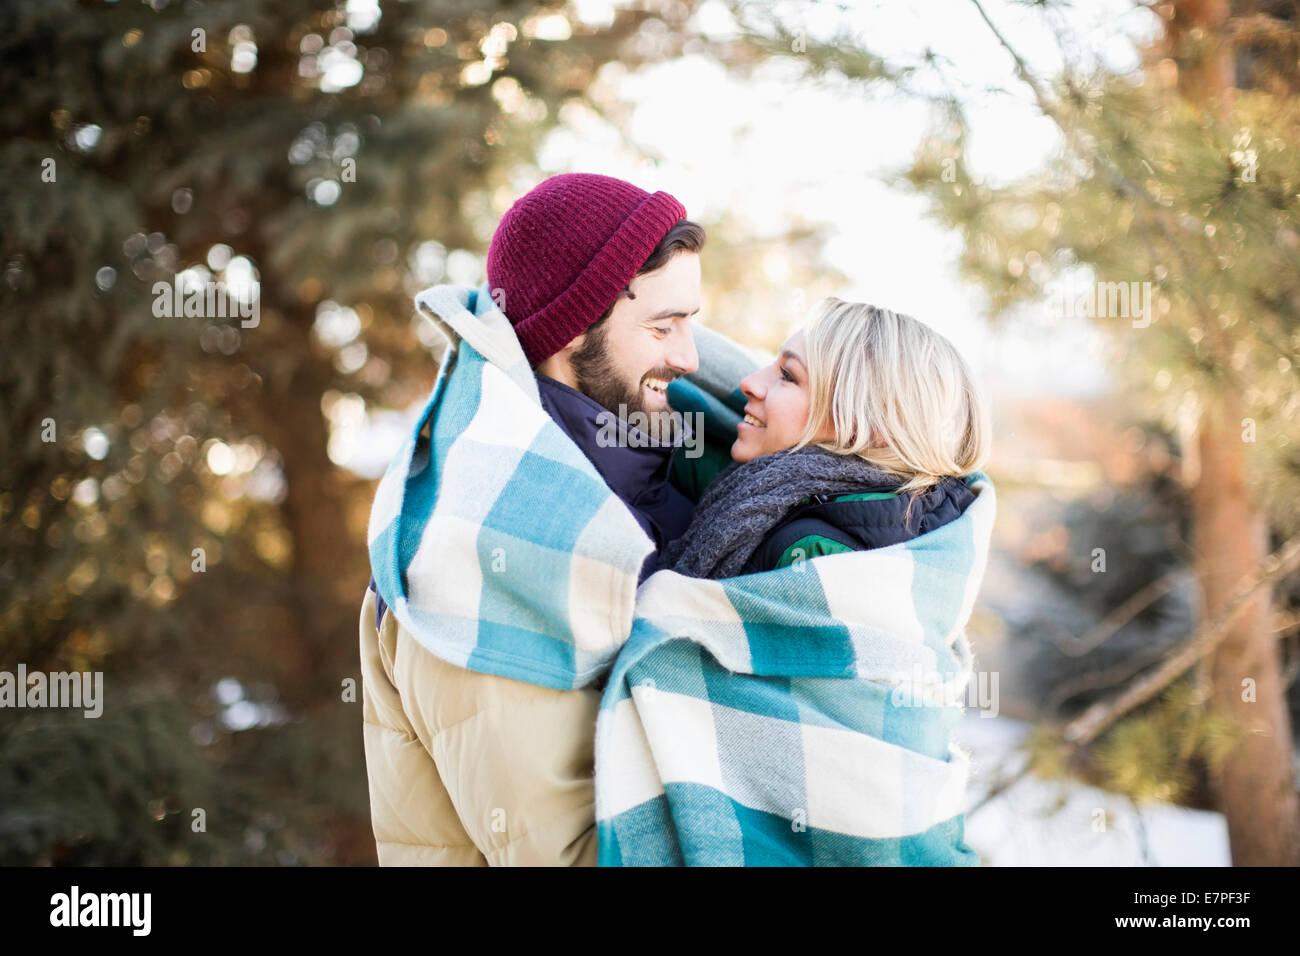 Estados Unidos, Utah, Salt Lake City, pareja envuelta en una manta abrazando al aire libre Imagen De Stock